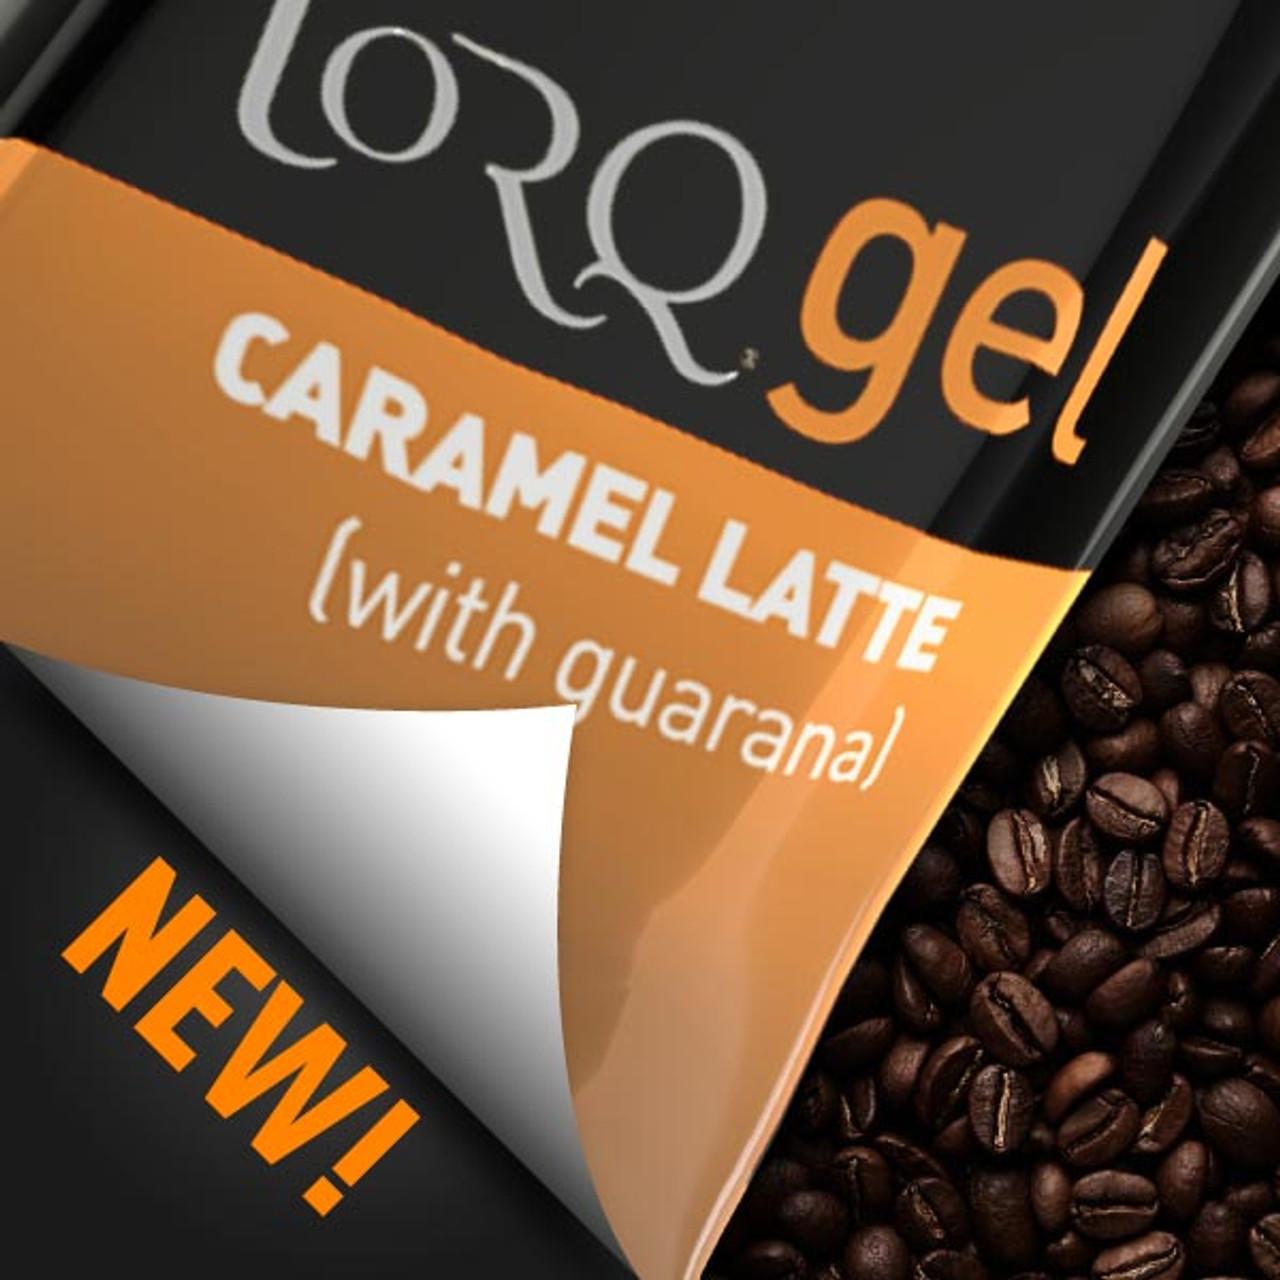 TORQ Gel - Caramel Latte w/ 89mg Guarana